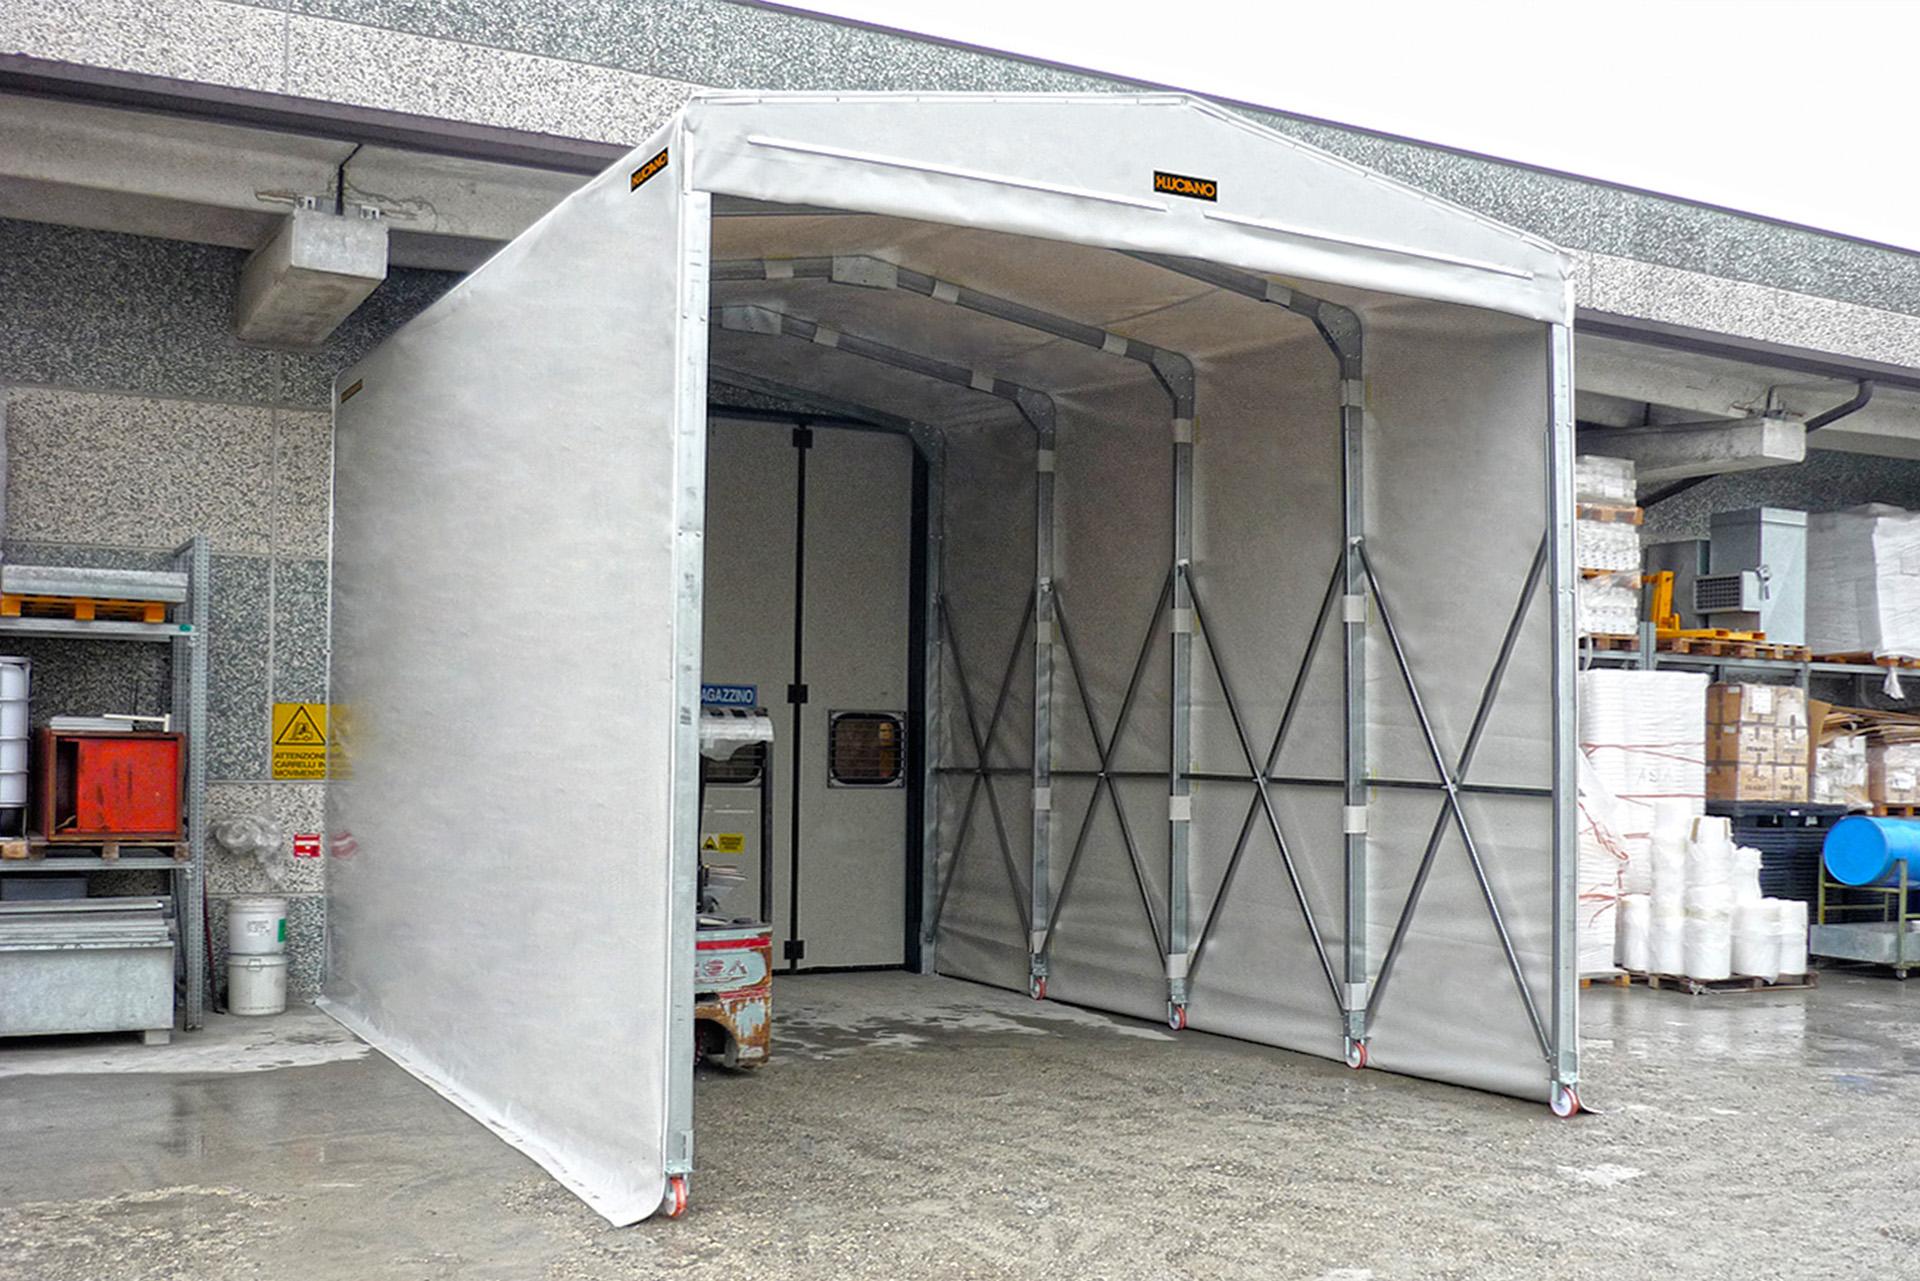 Tunnel mobili, coperture mobili, tunnel in pvc